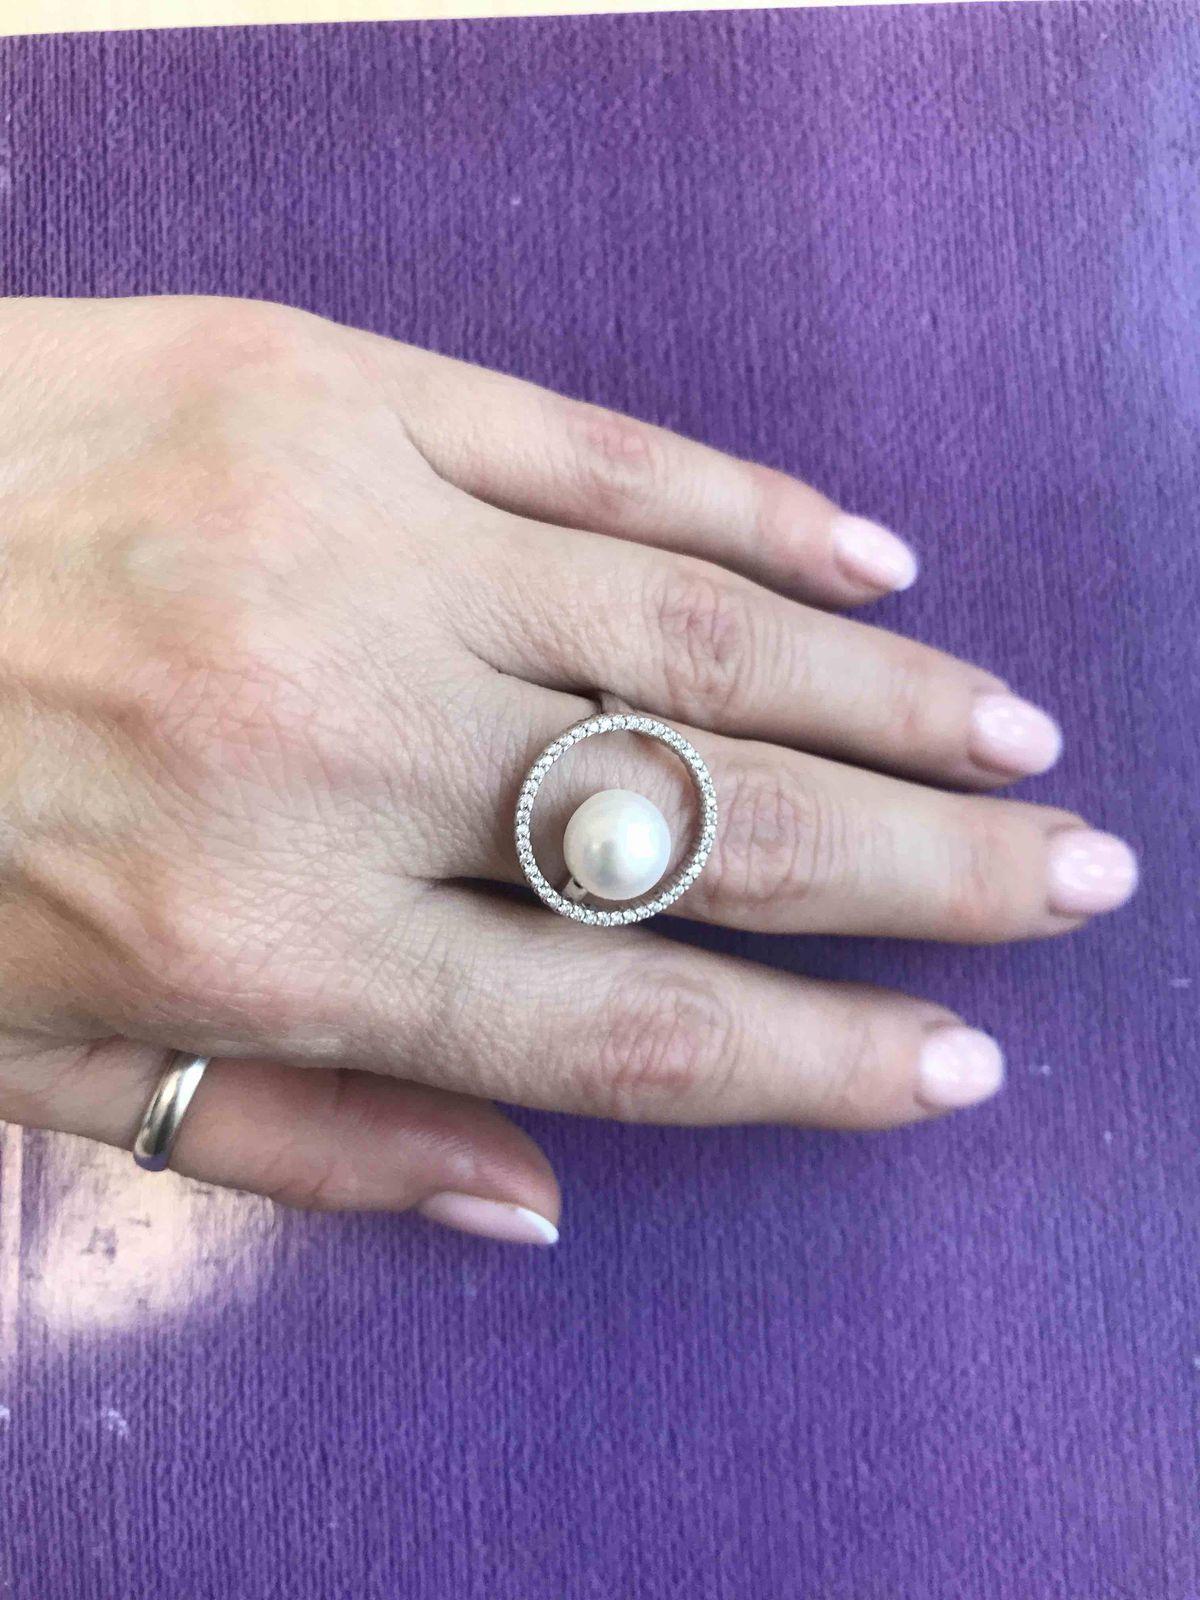 Мечта о серебряном кольце с жемчугом исполнена